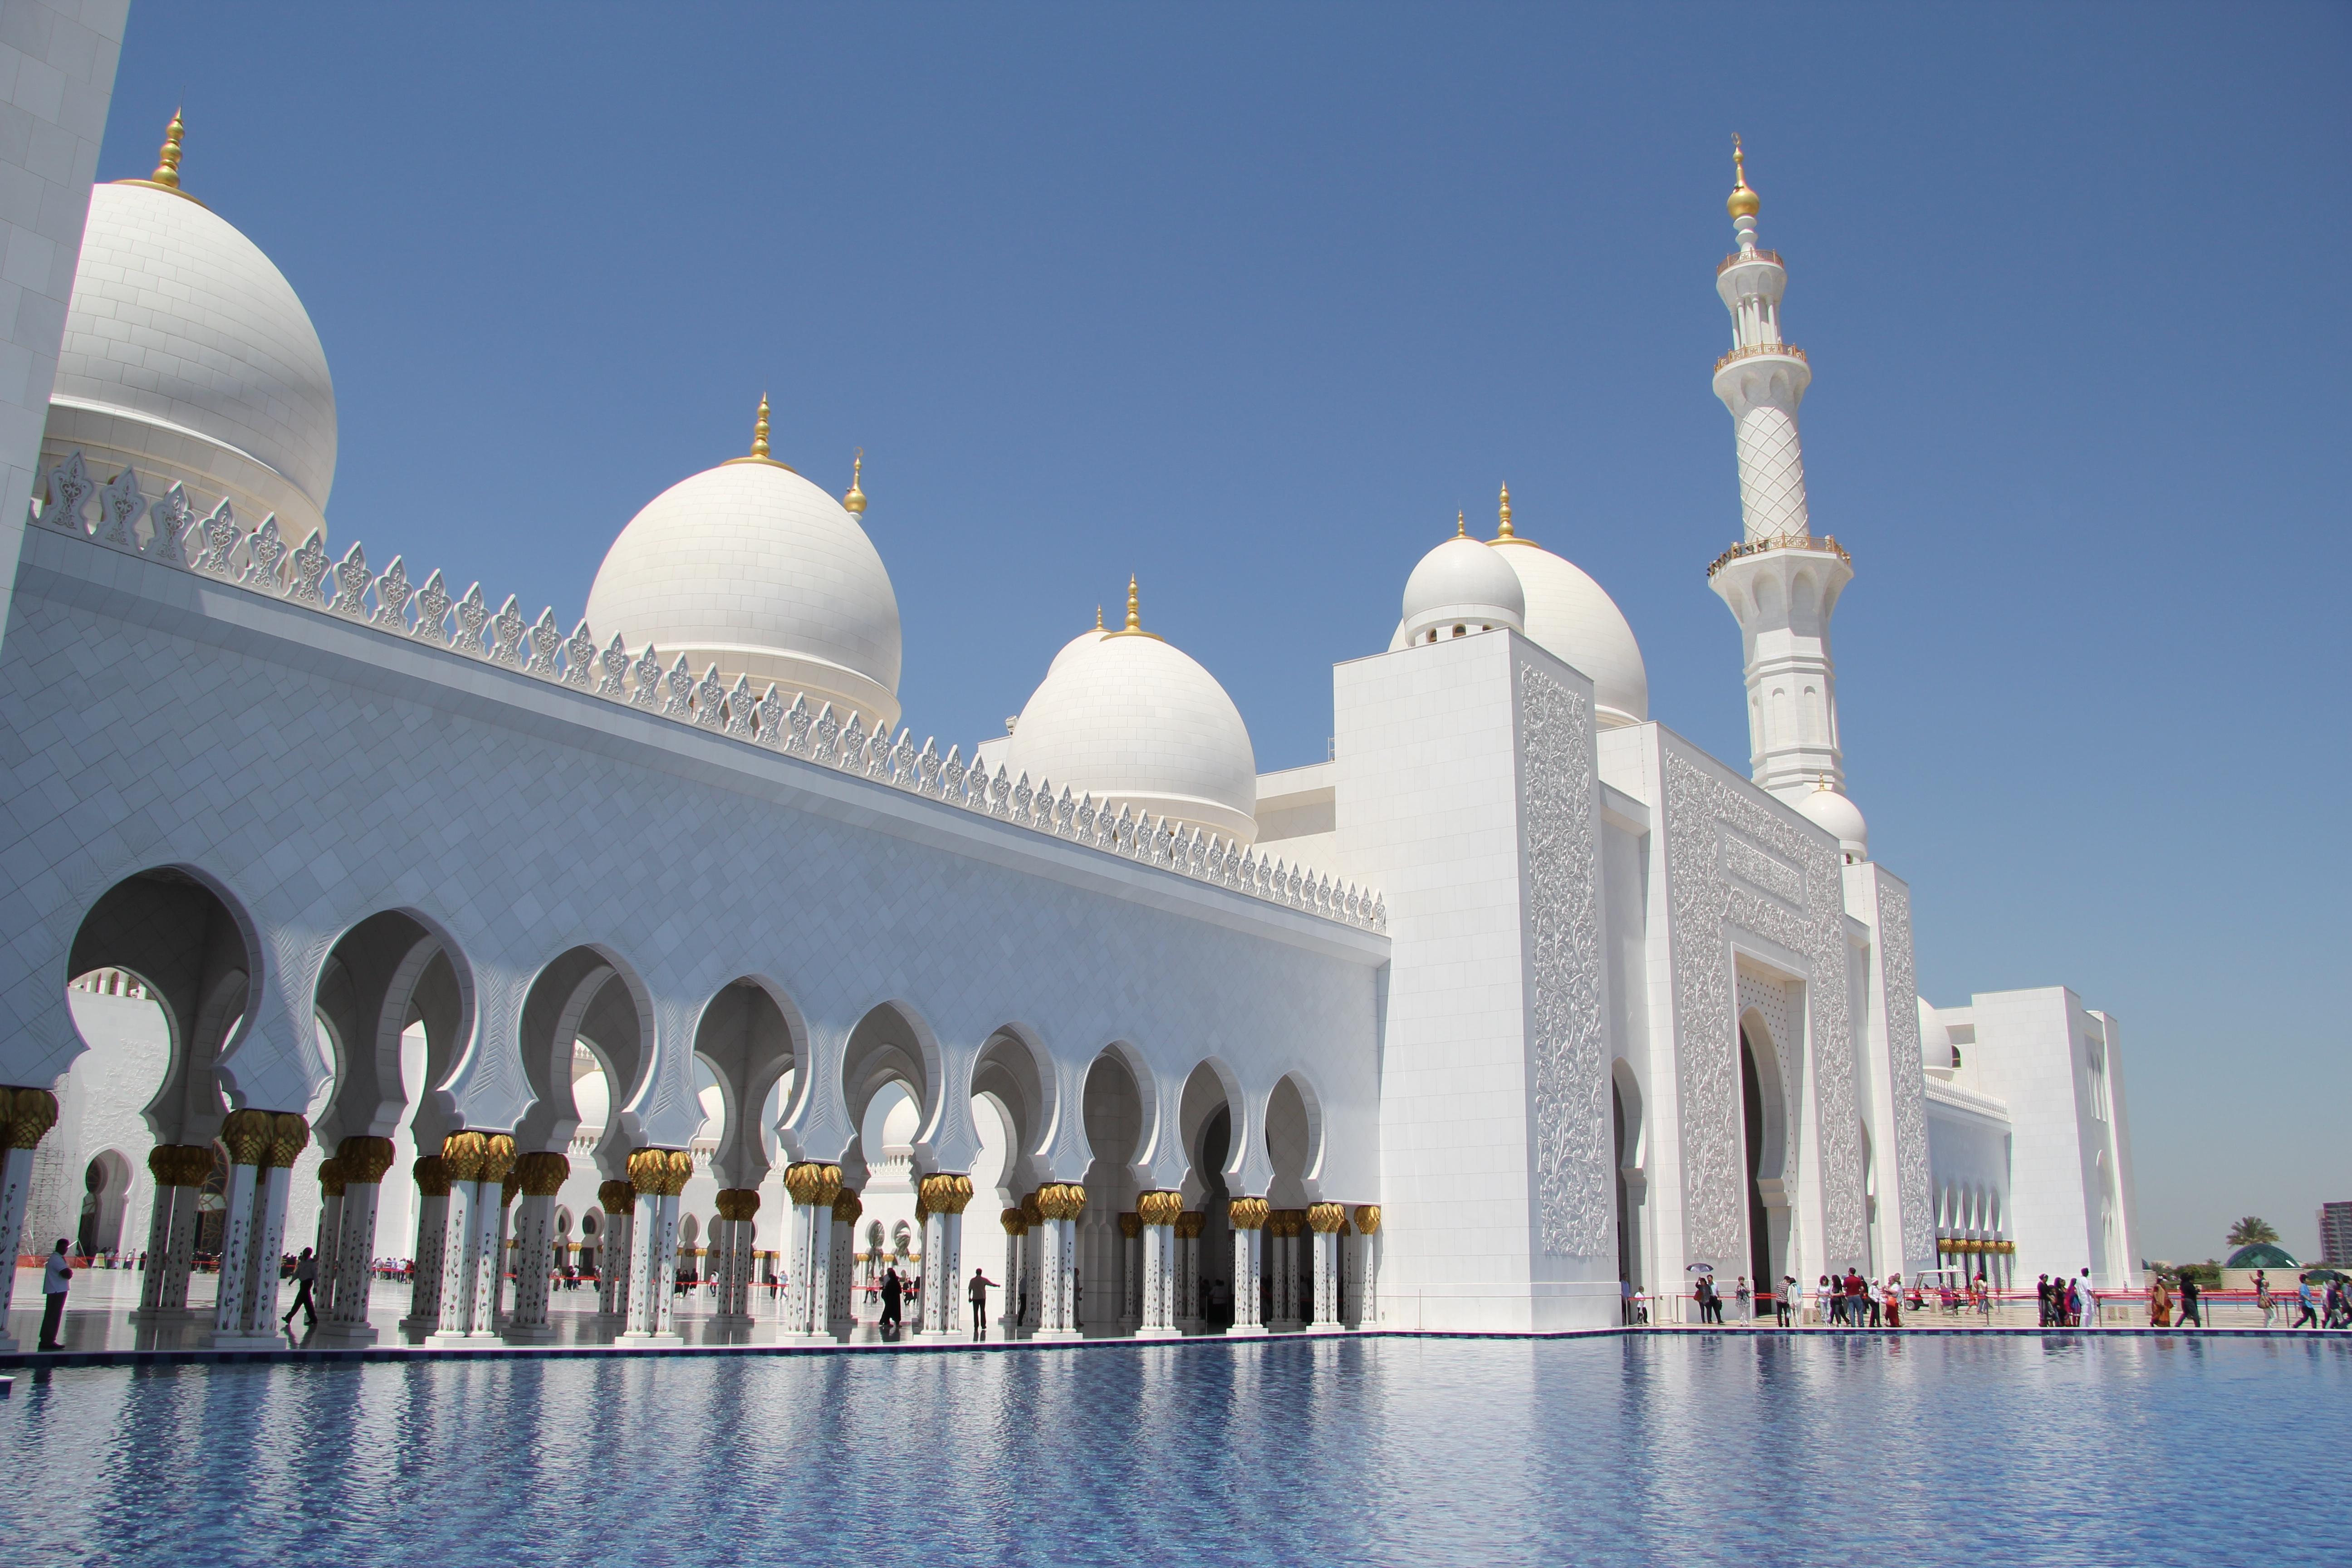 ثامن أكبر مسجد في العالم